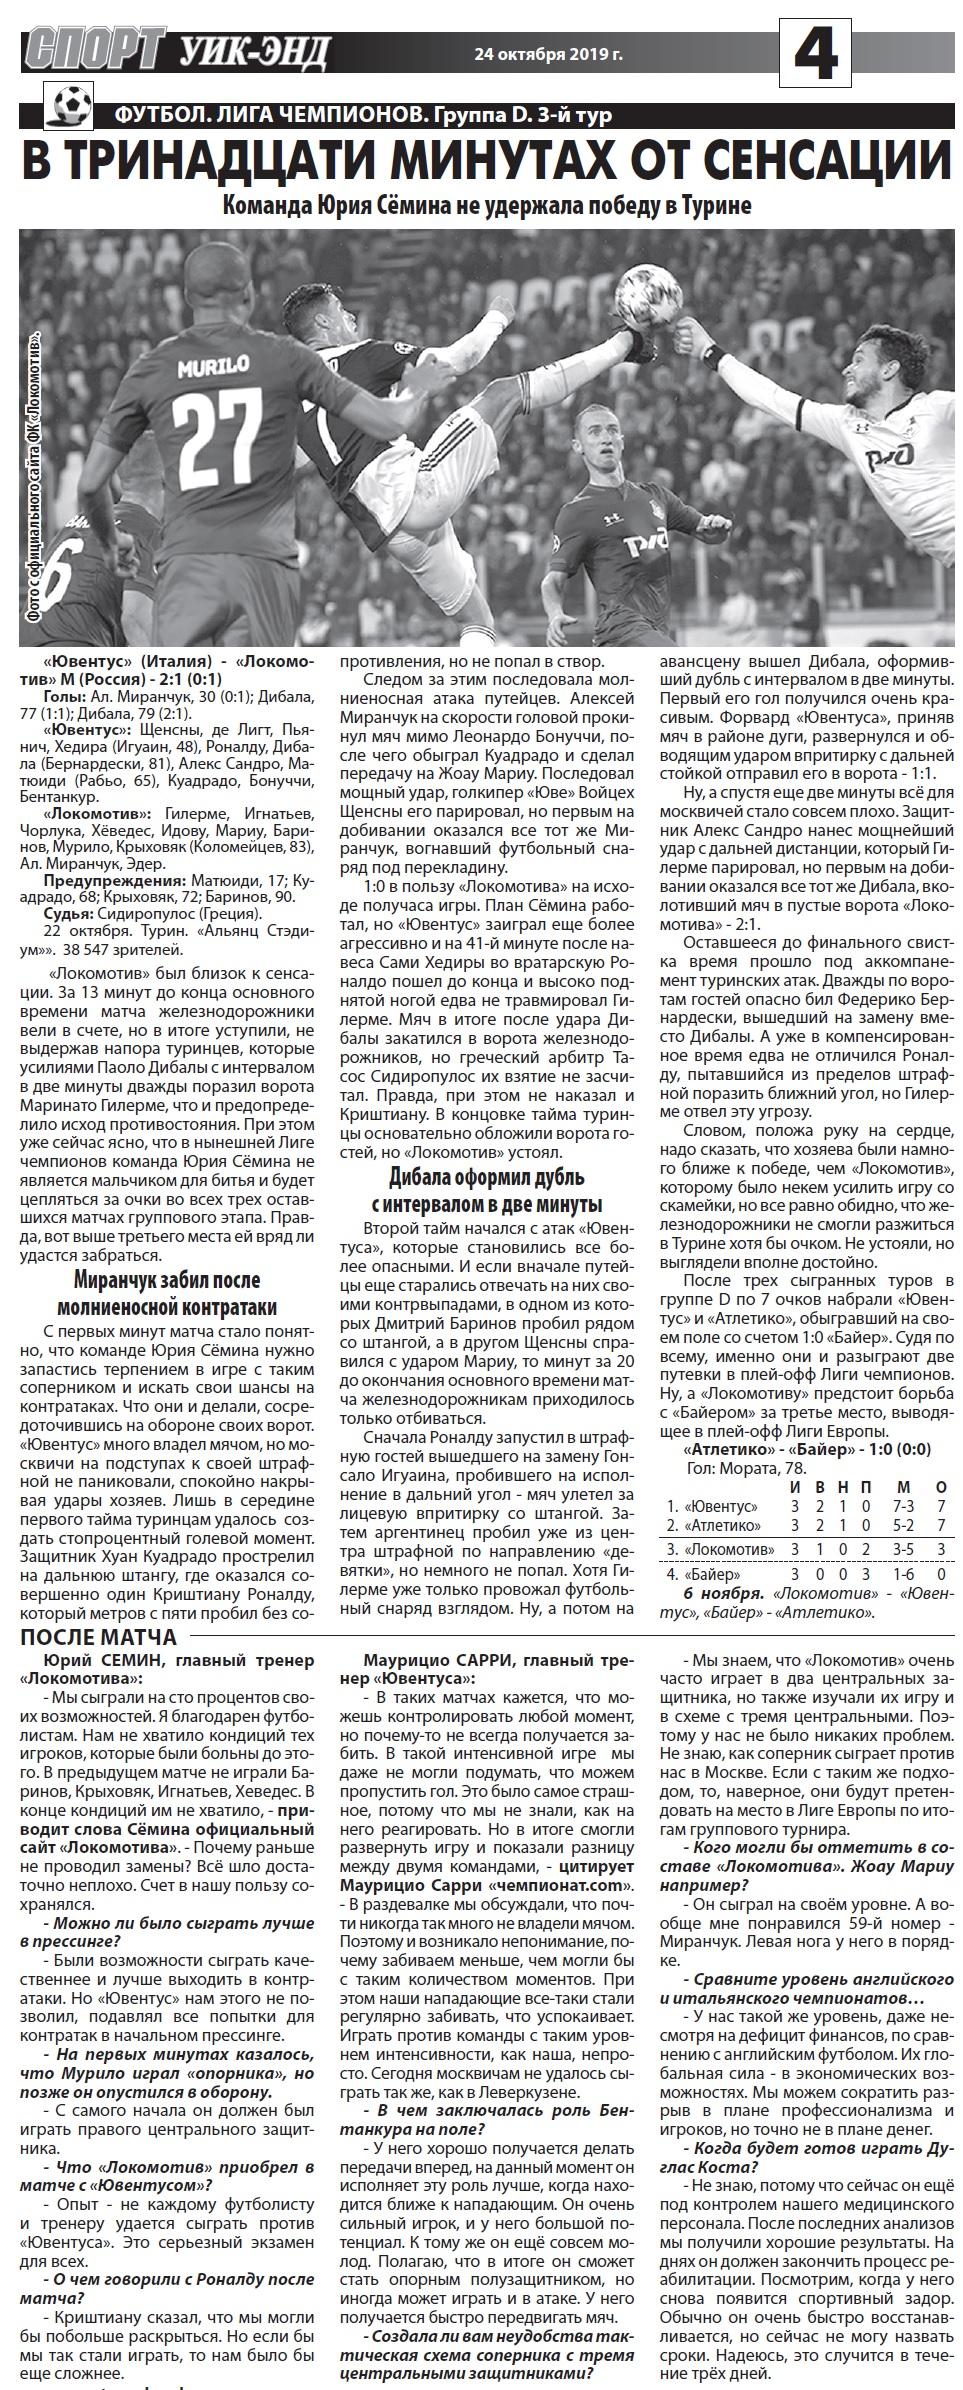 Ювентус (Италия) - Локомотив (Россия) 2:1